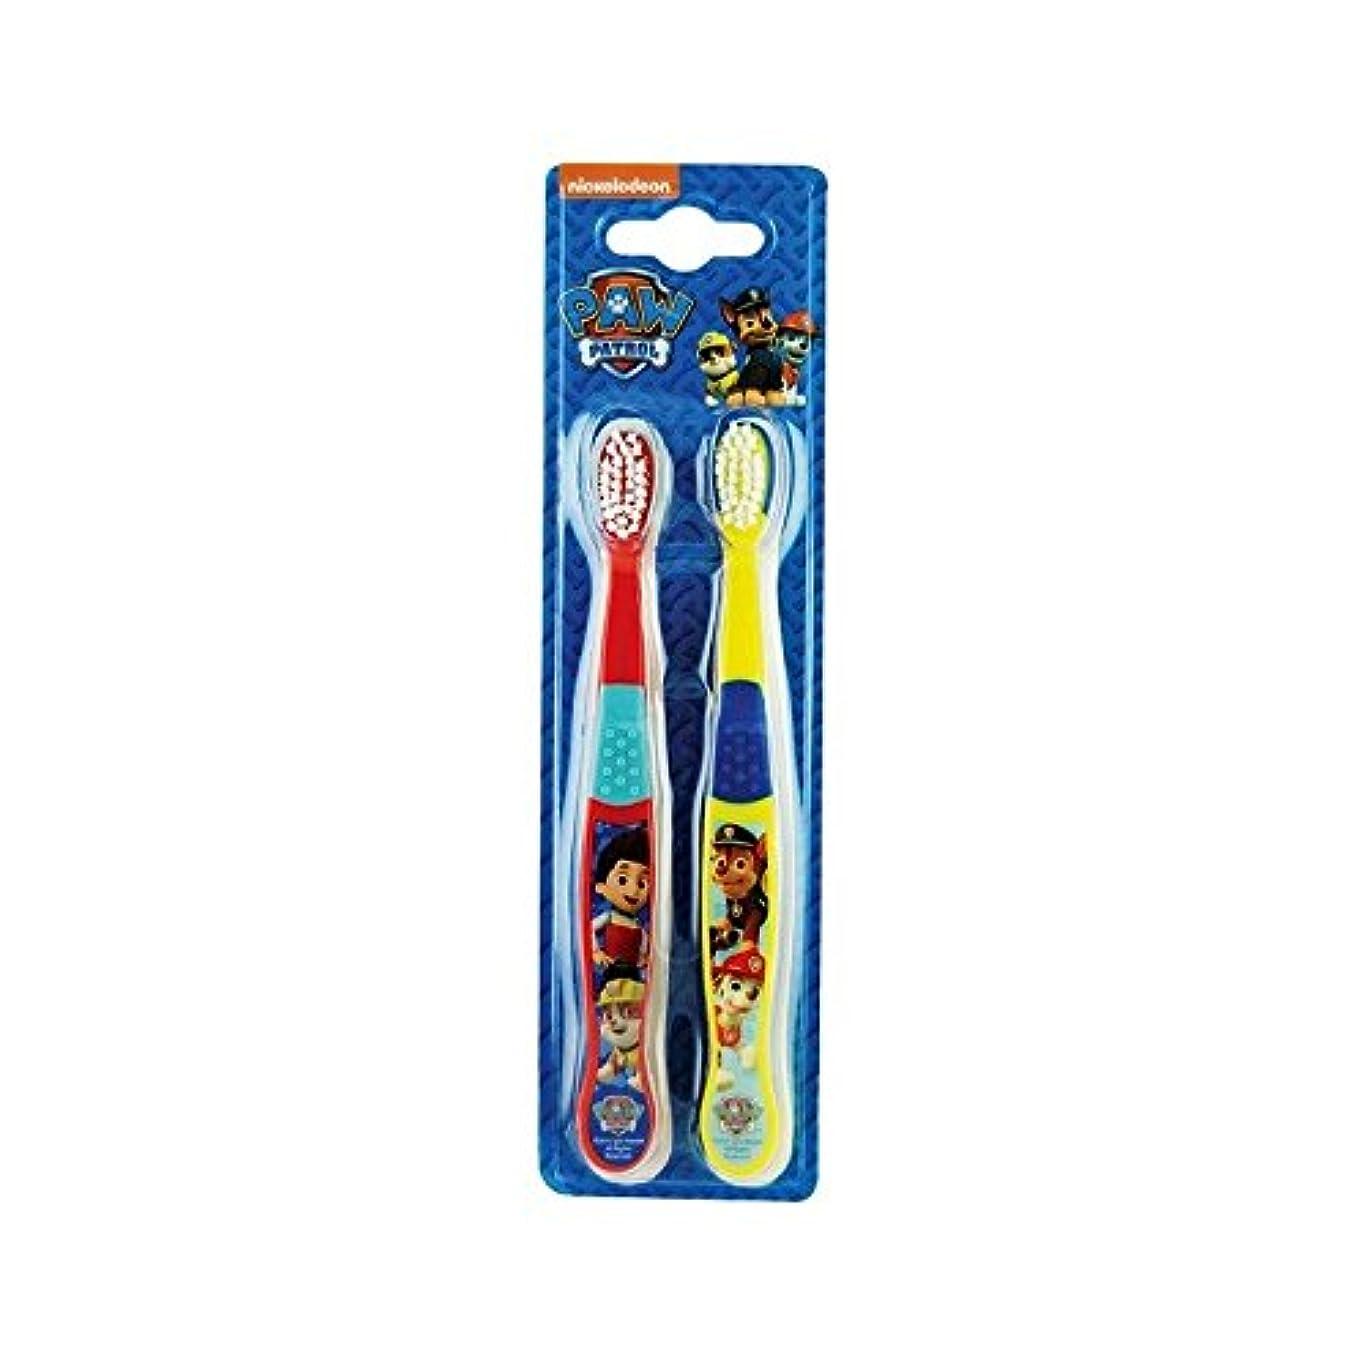 ピッチアルコール北1パックツイン歯ブラシ2 (Paw Patrol) - Paw Patrol Twin Toothbrush 2 per pack [並行輸入品]